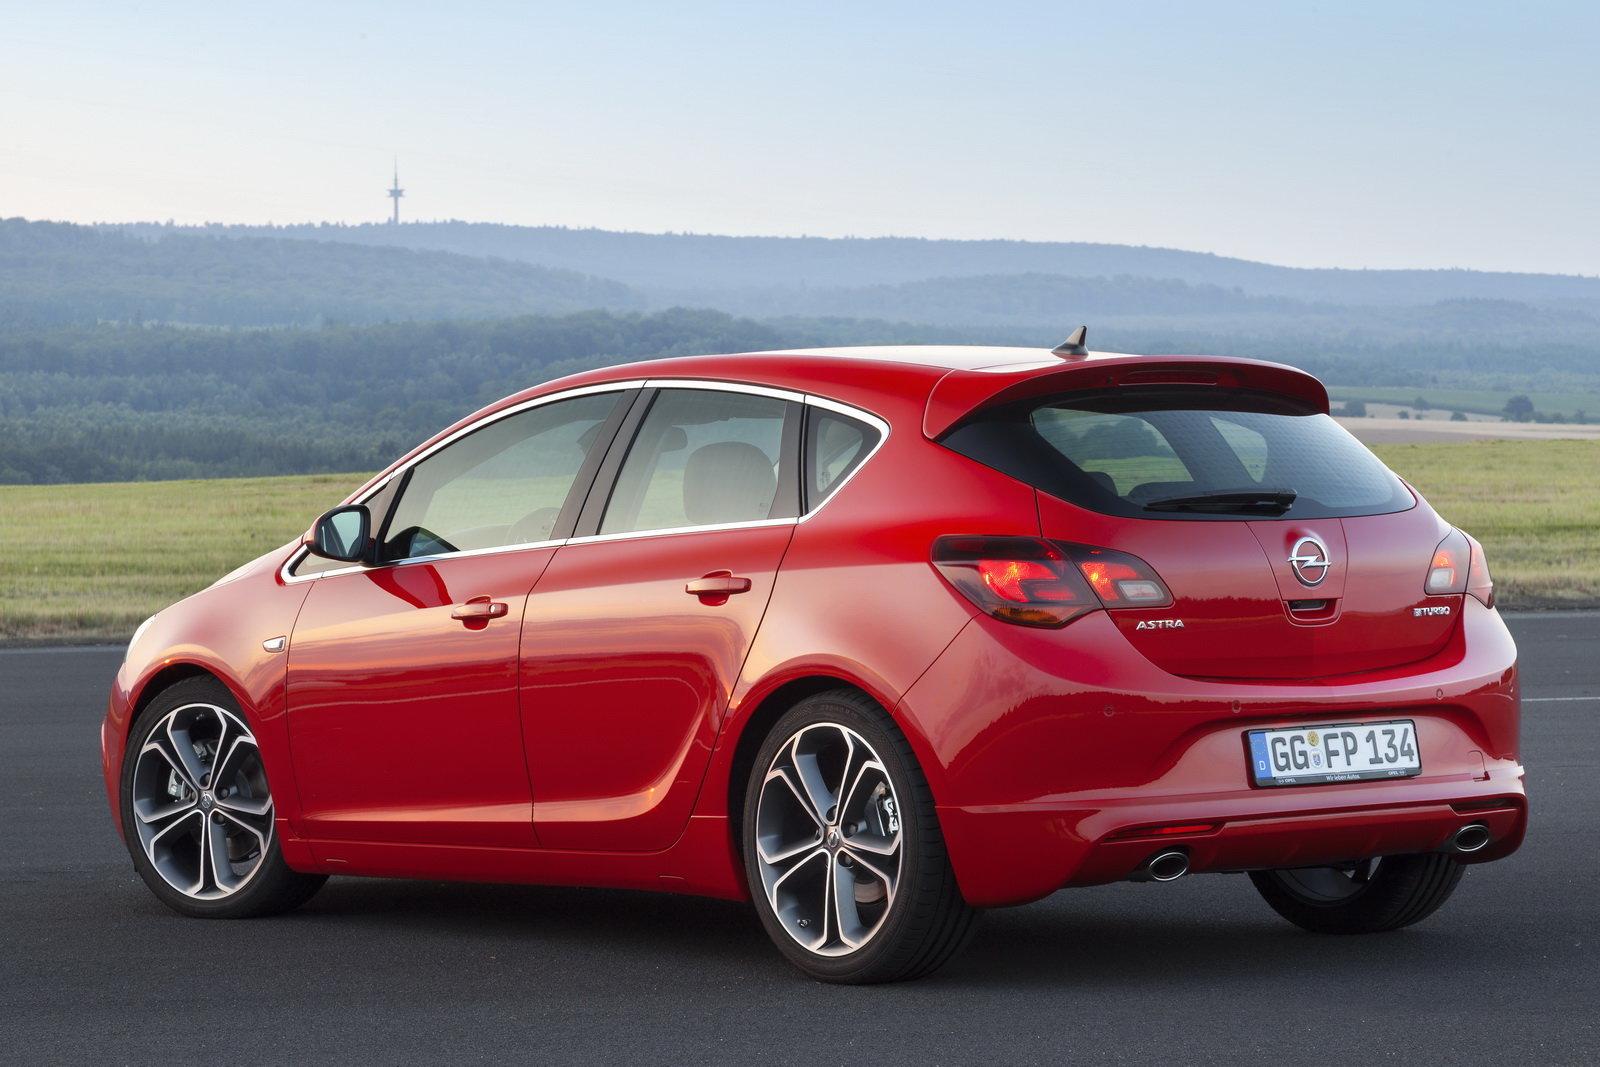 Opel Astra Prova Scheda Tecnica Opinioni E Dimensioni 2 0 Cdti Biturbo